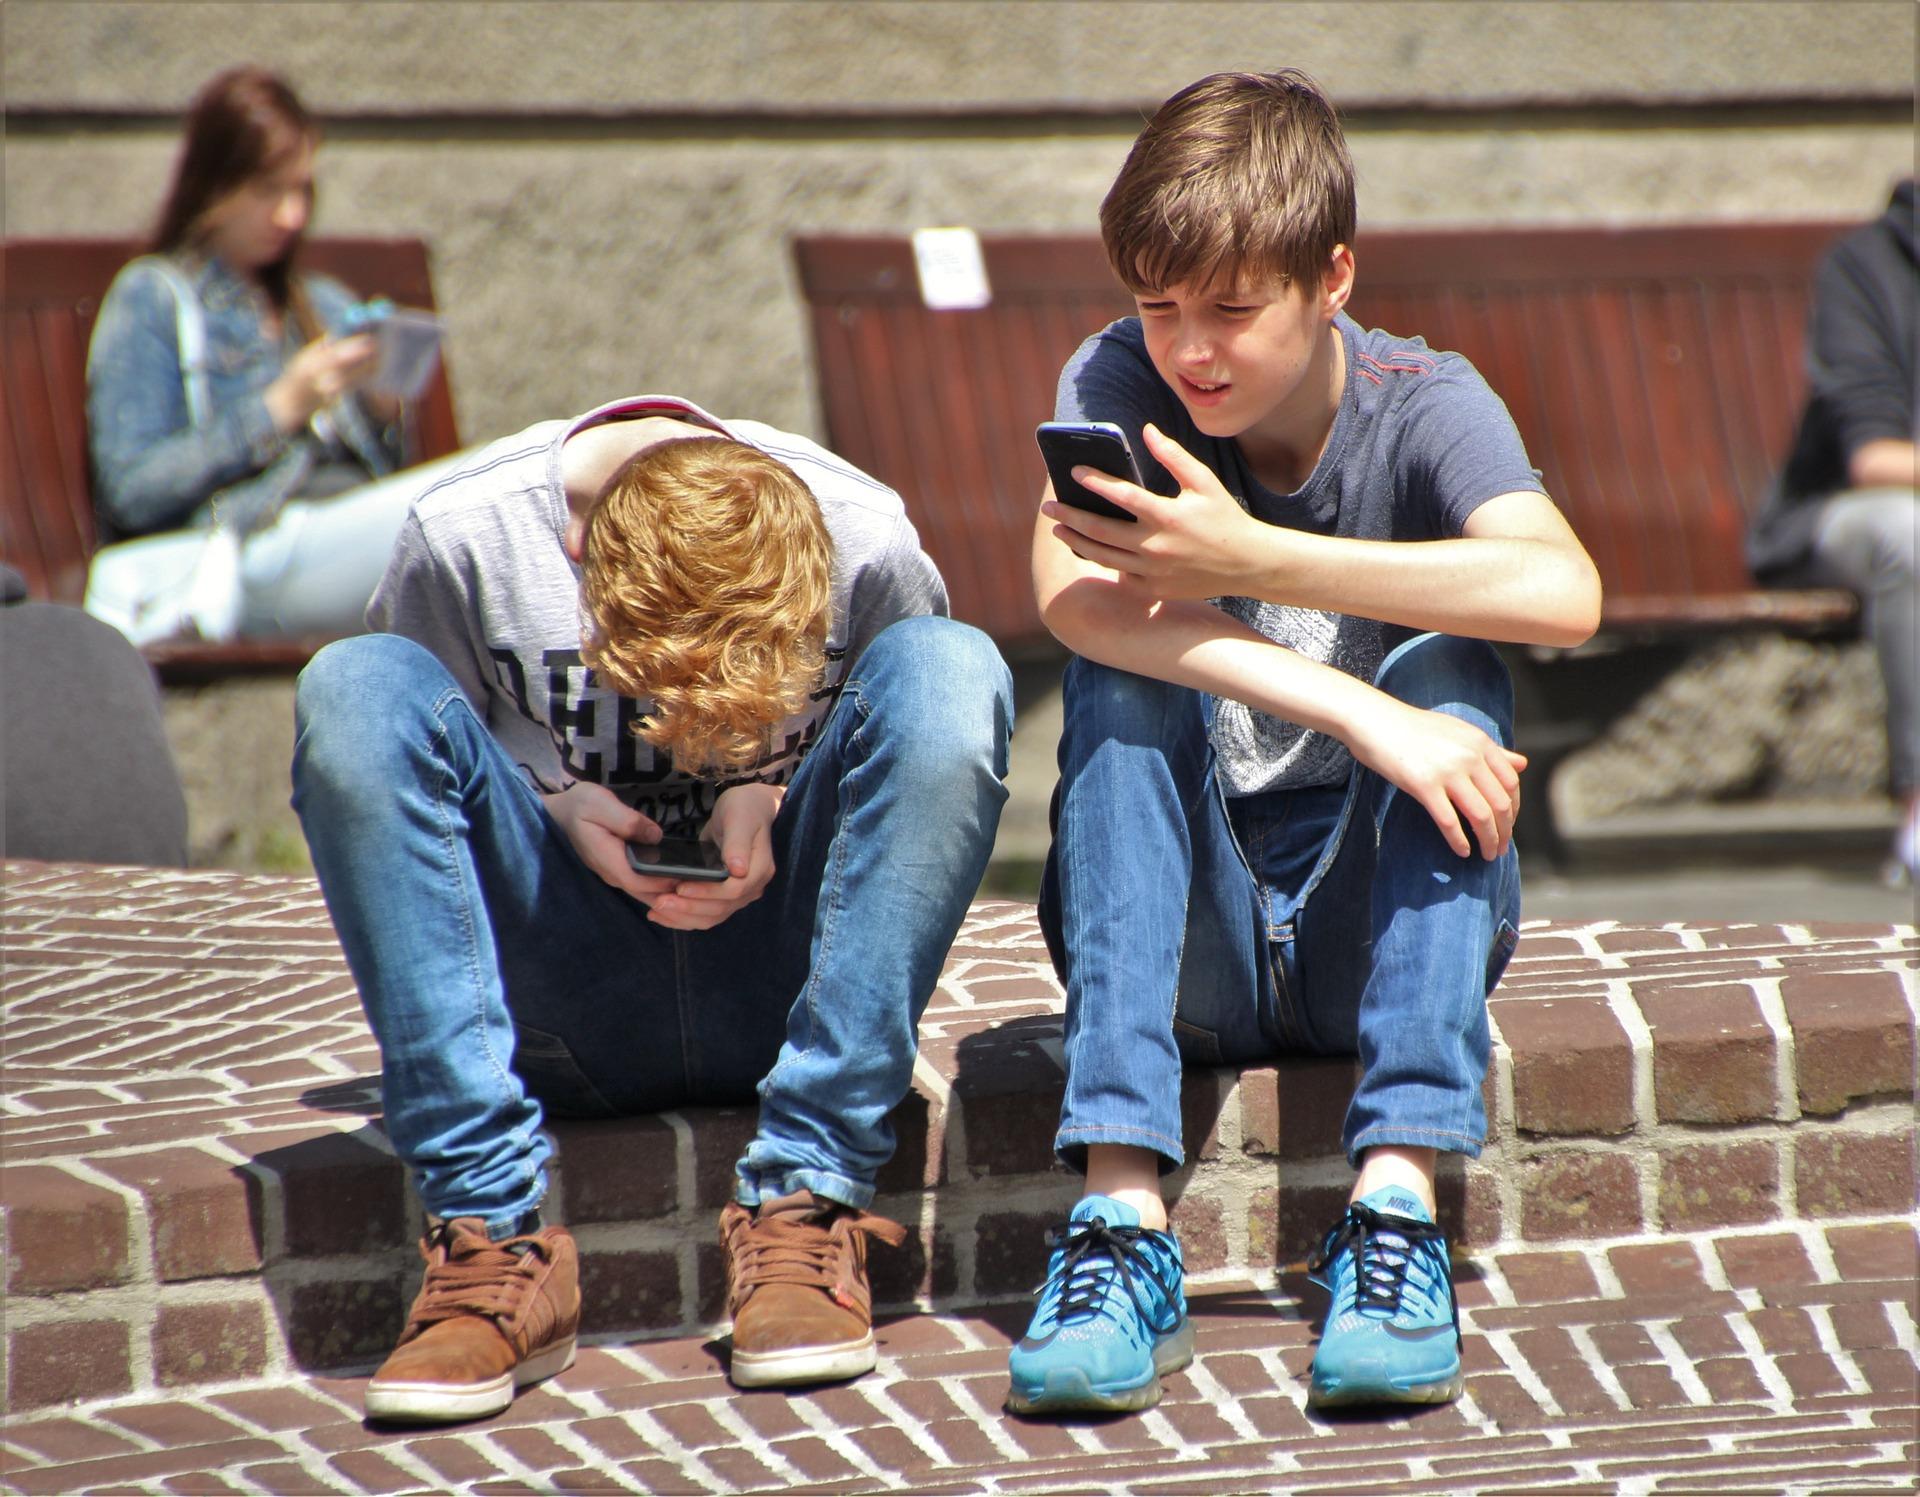 Los modales usando el móvil si importan